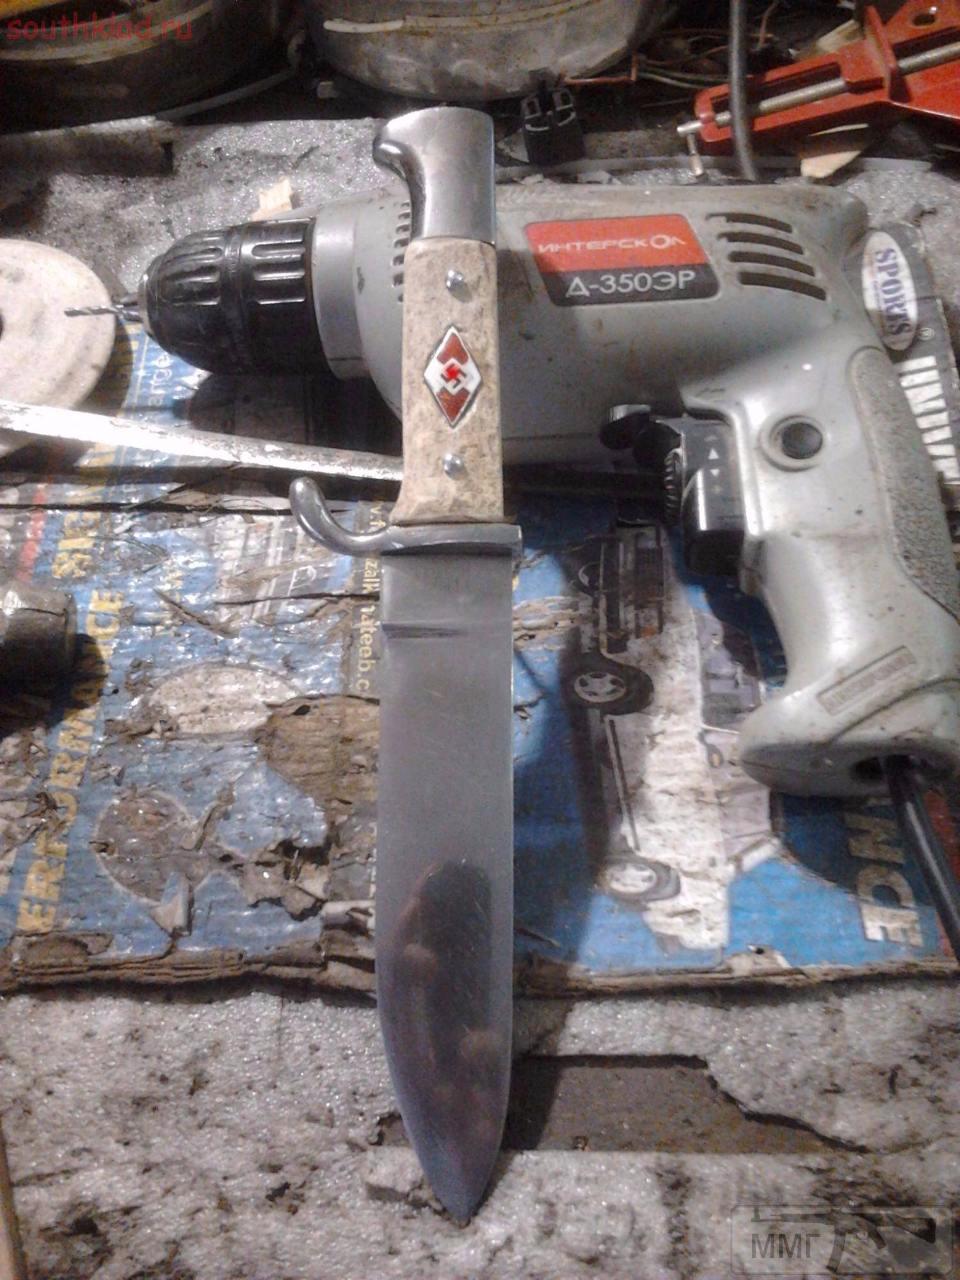 17299 - реплики ножей